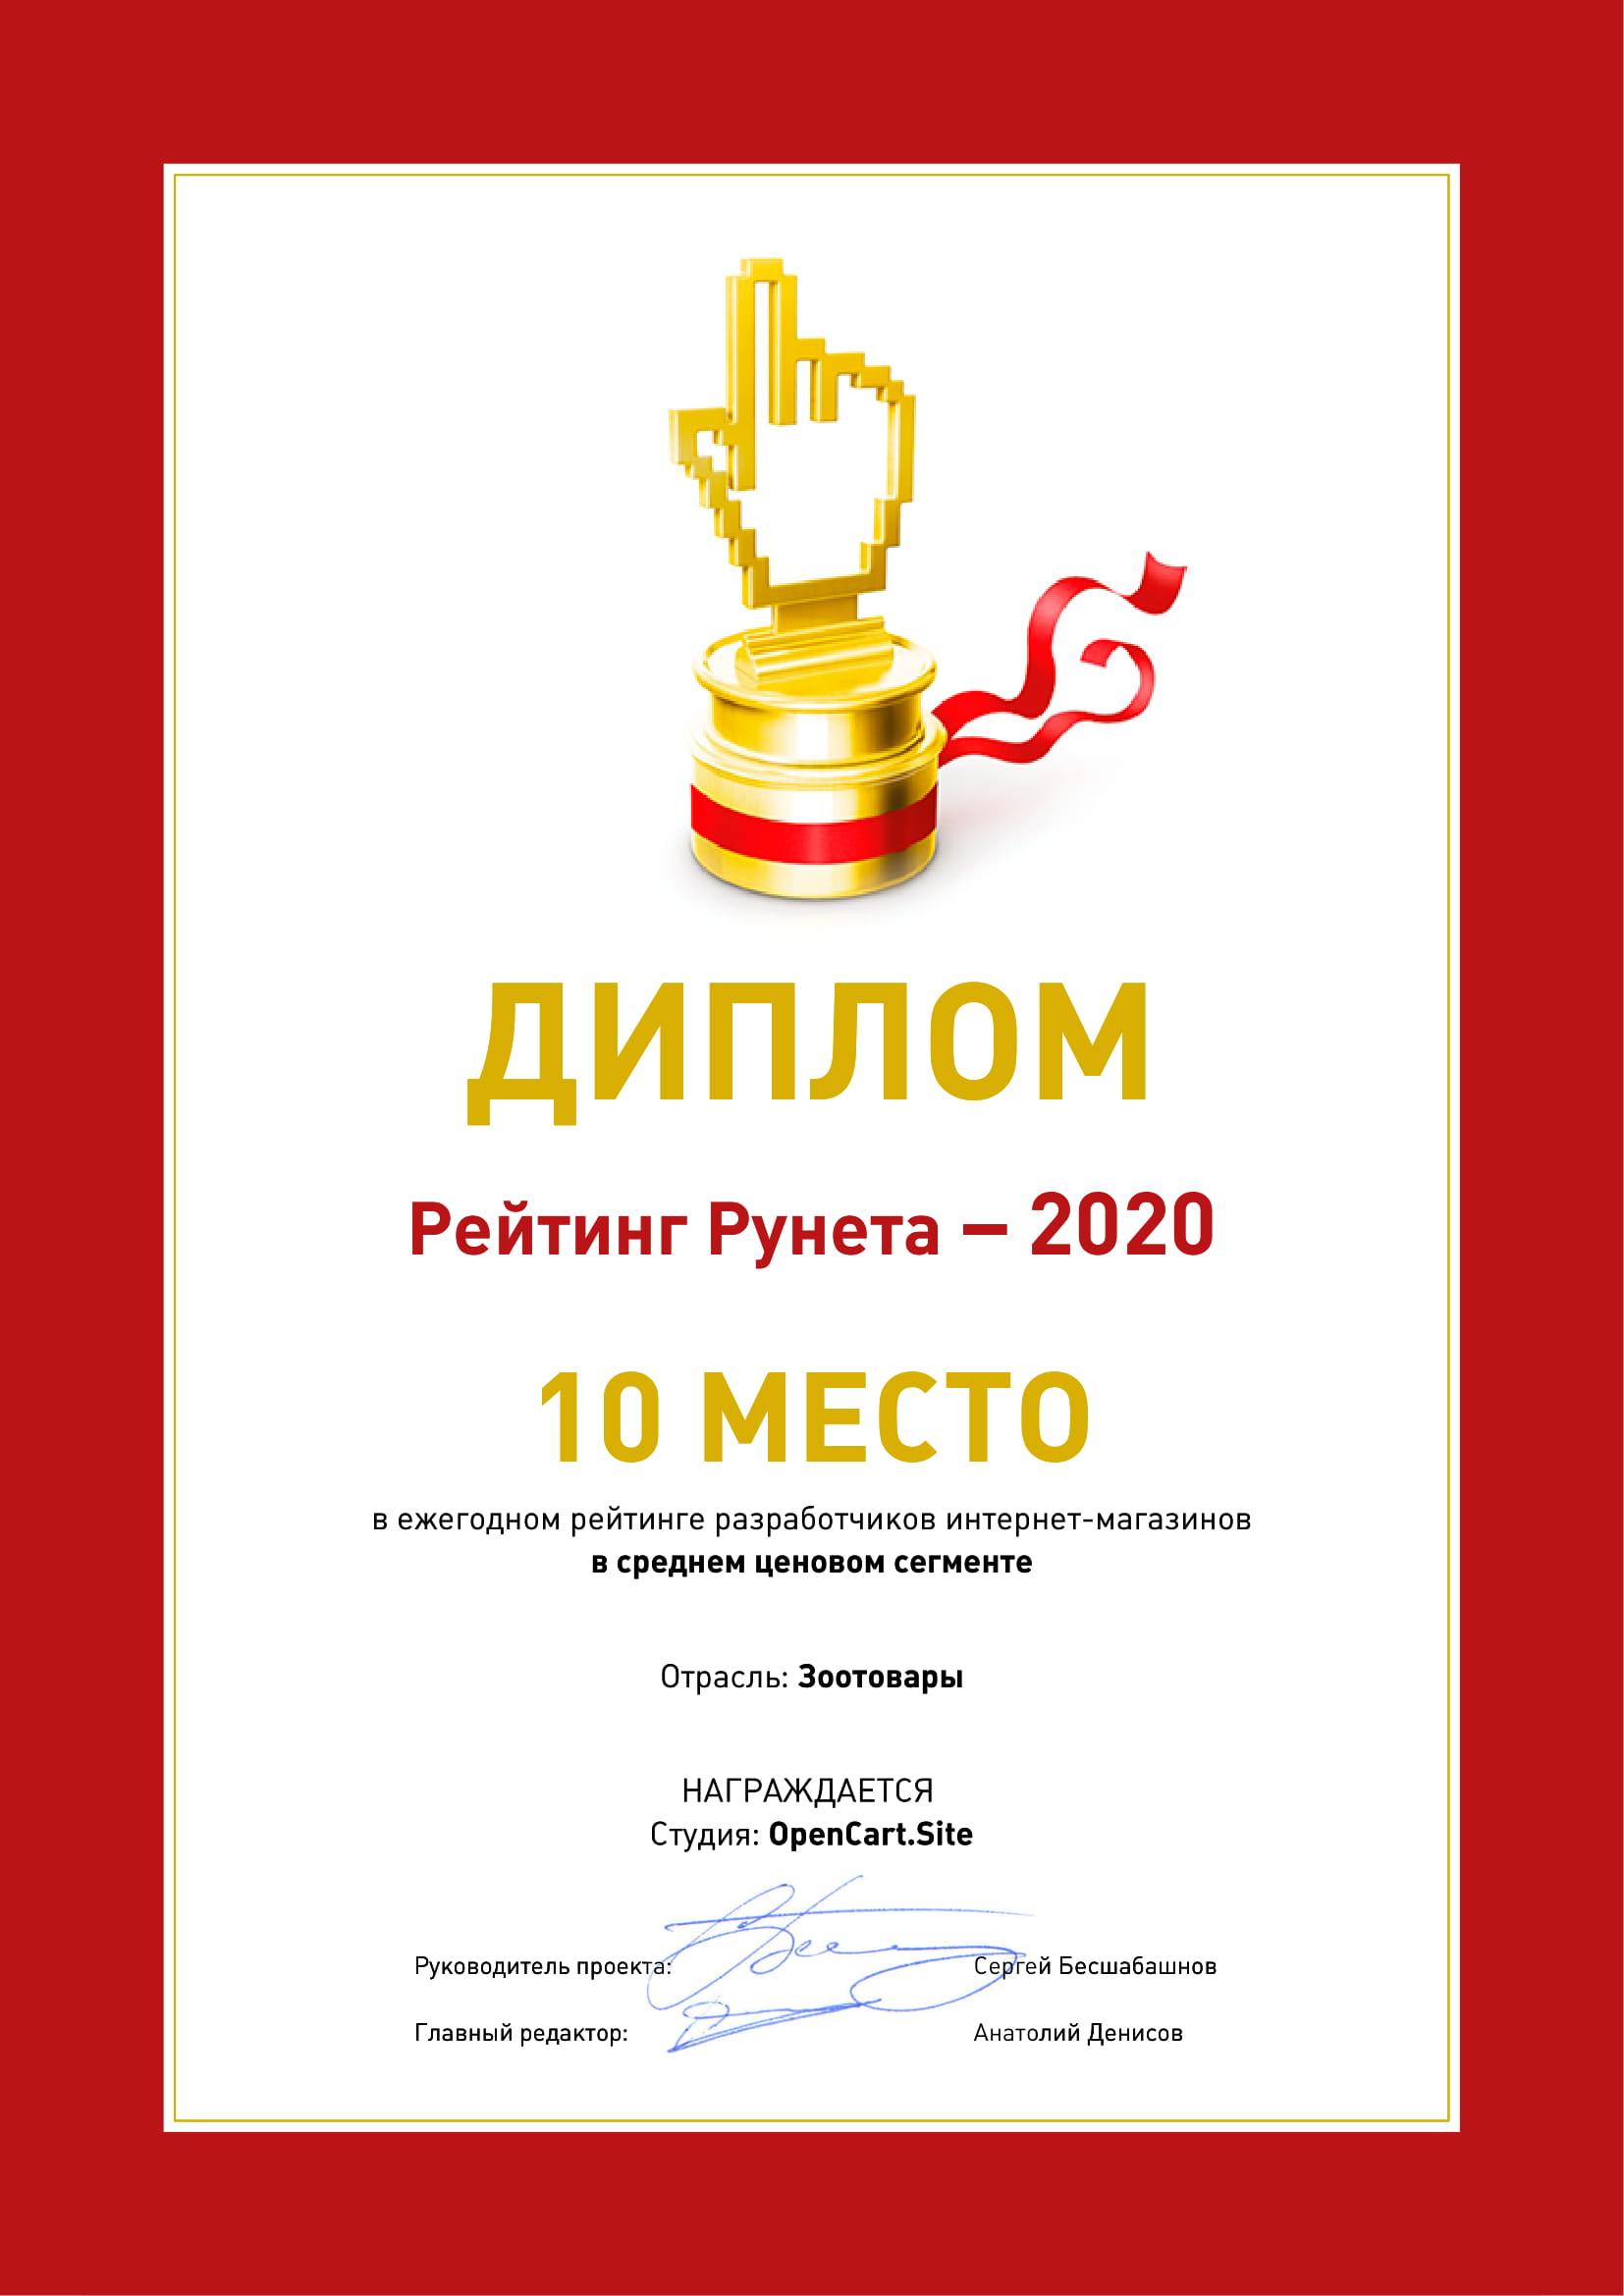 Топ 10 разработчиков интернет магазинов Зоотоваров